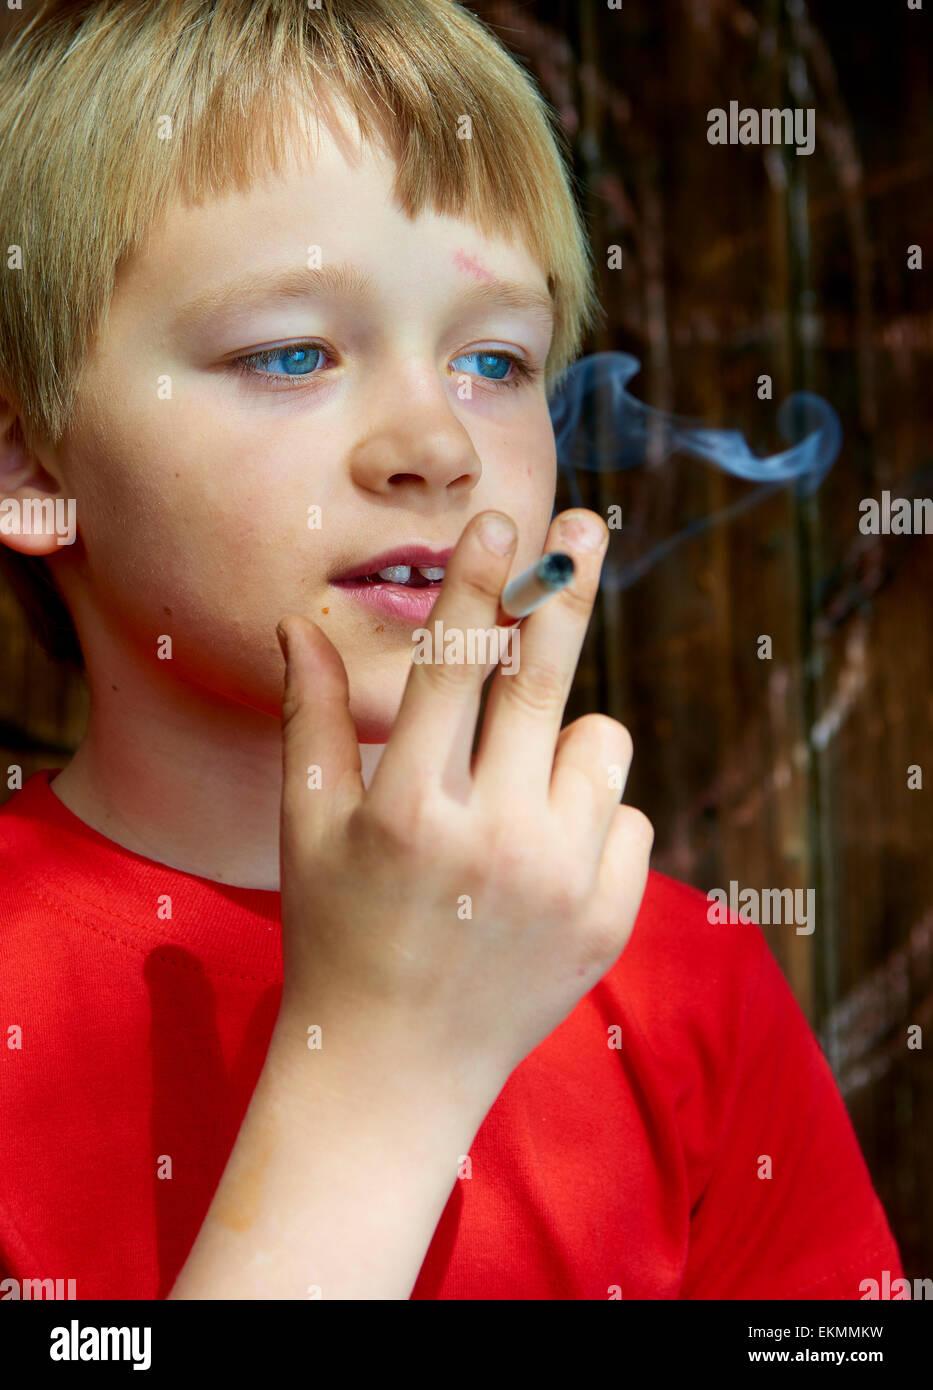 Portrait Of Child Blond Boy Smoking Cigarette With Dark